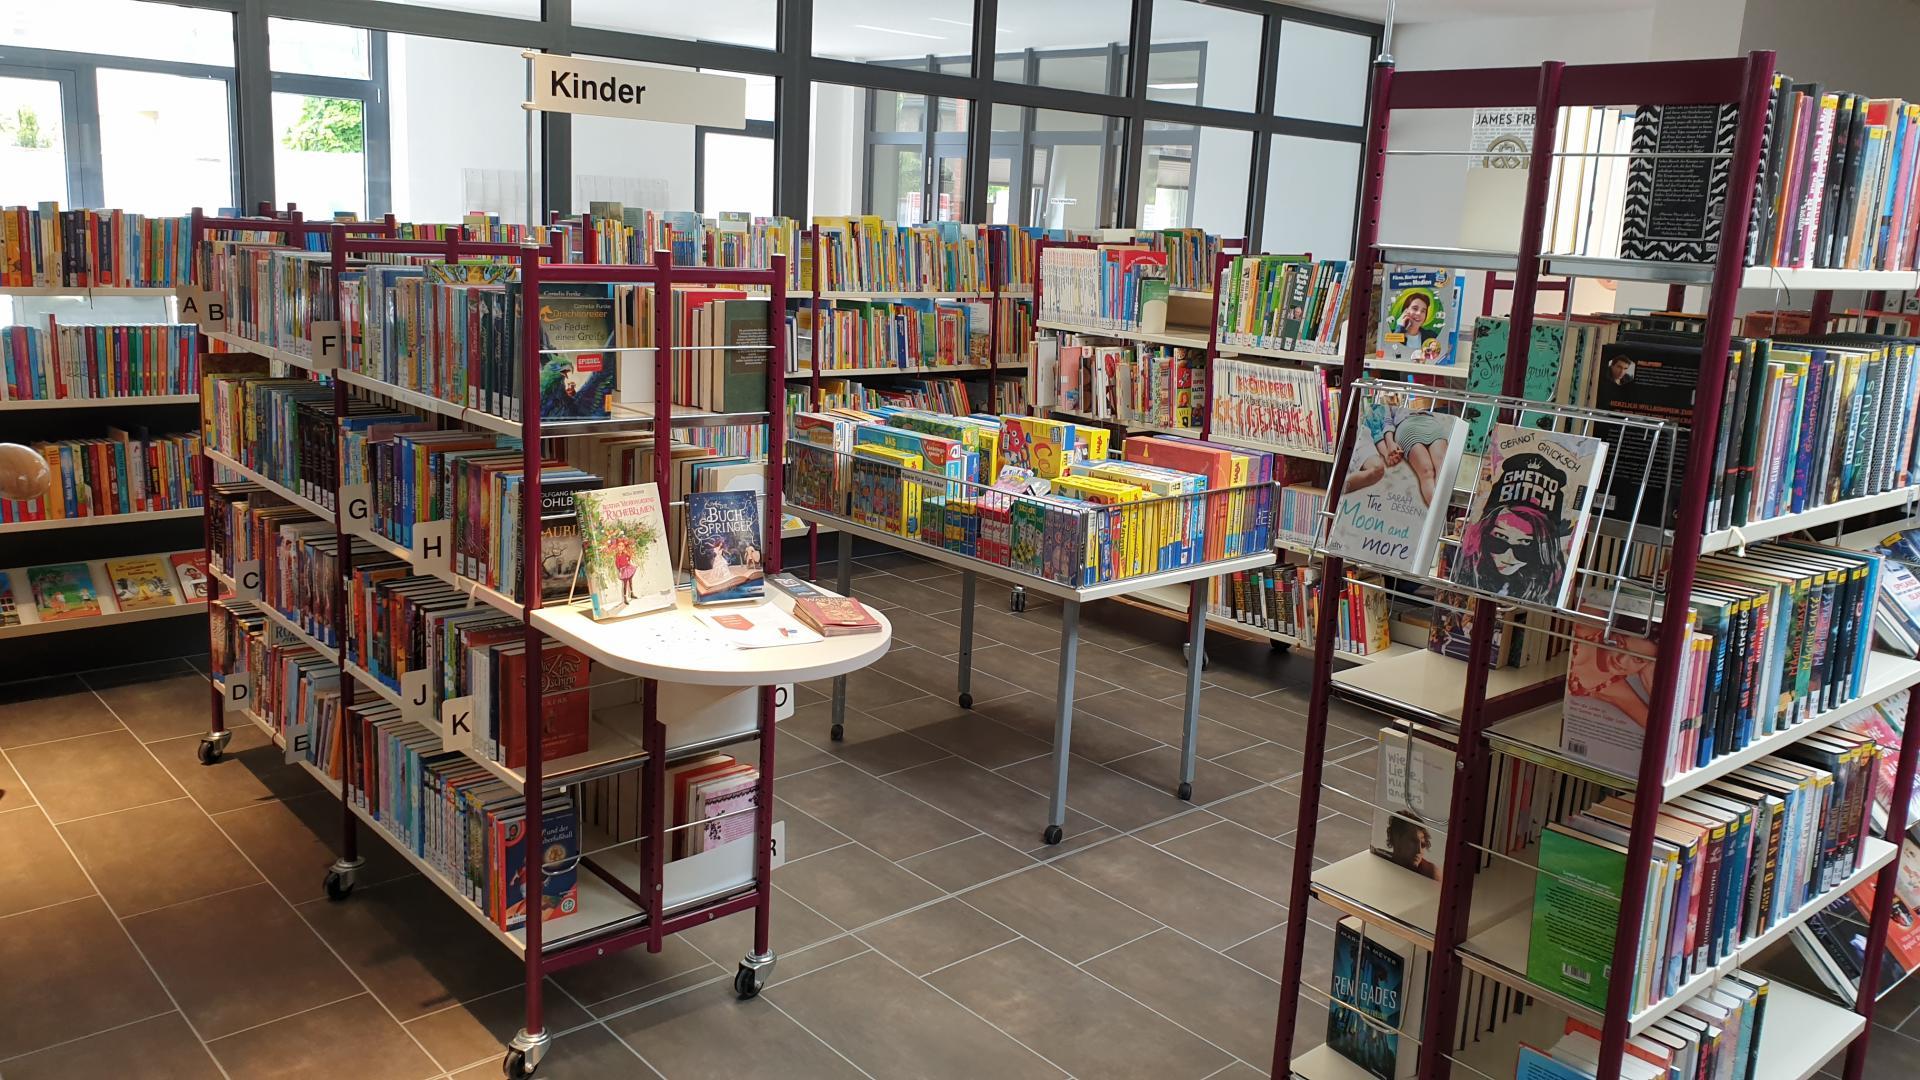 Stadtbibliothek Treuenbrietzen Kinderbereich (Foto: Stadtverwaltung Treuenbrietzen)